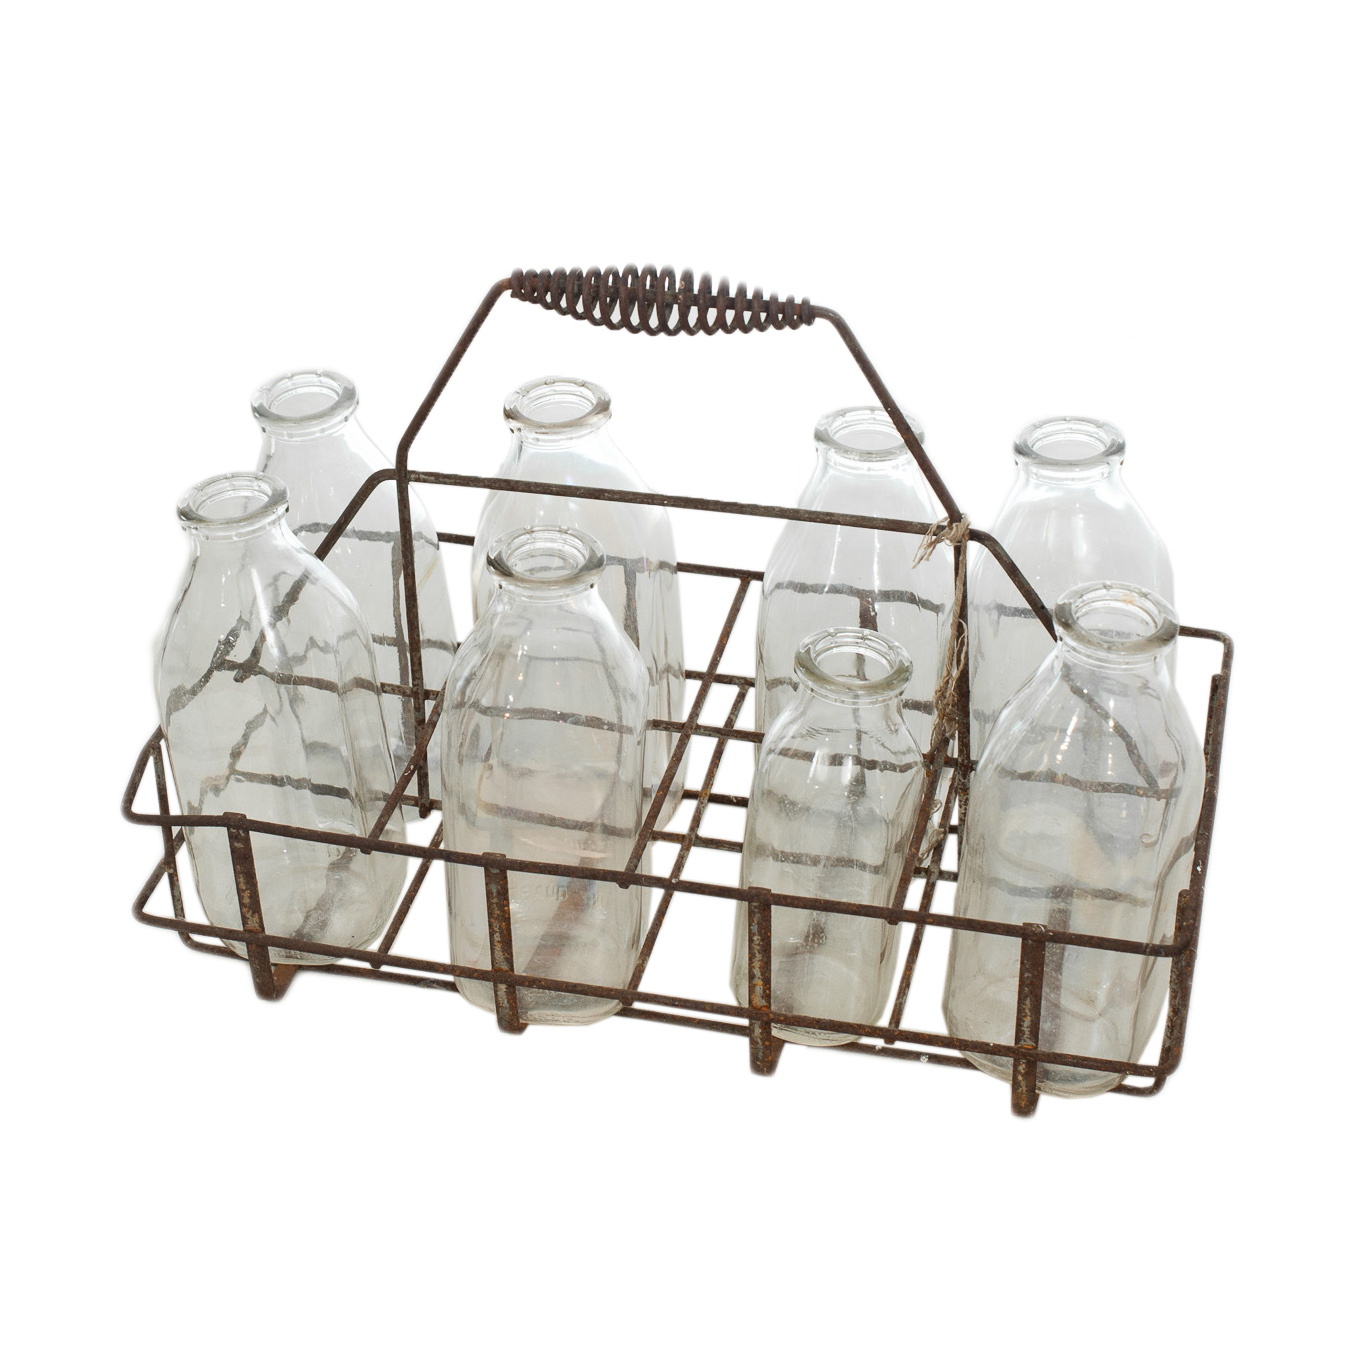 Milk Bottle Carrier